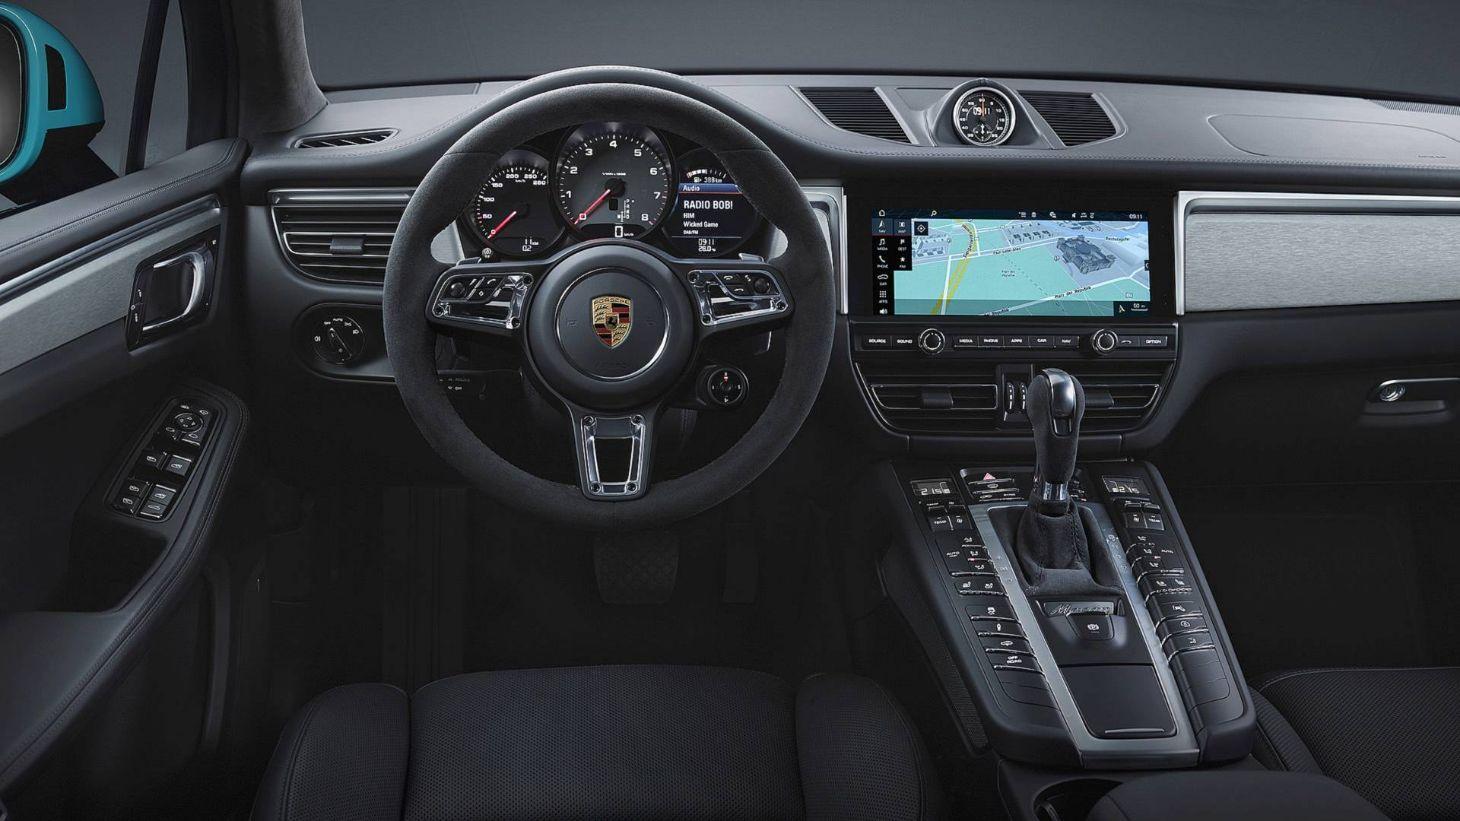 Porsche Macan 2020 finalmente chega às ruas brasileiras. SUV teve visual renovado, recebeu uma central multimídia mais complexa e parte de R$ 329 mil.